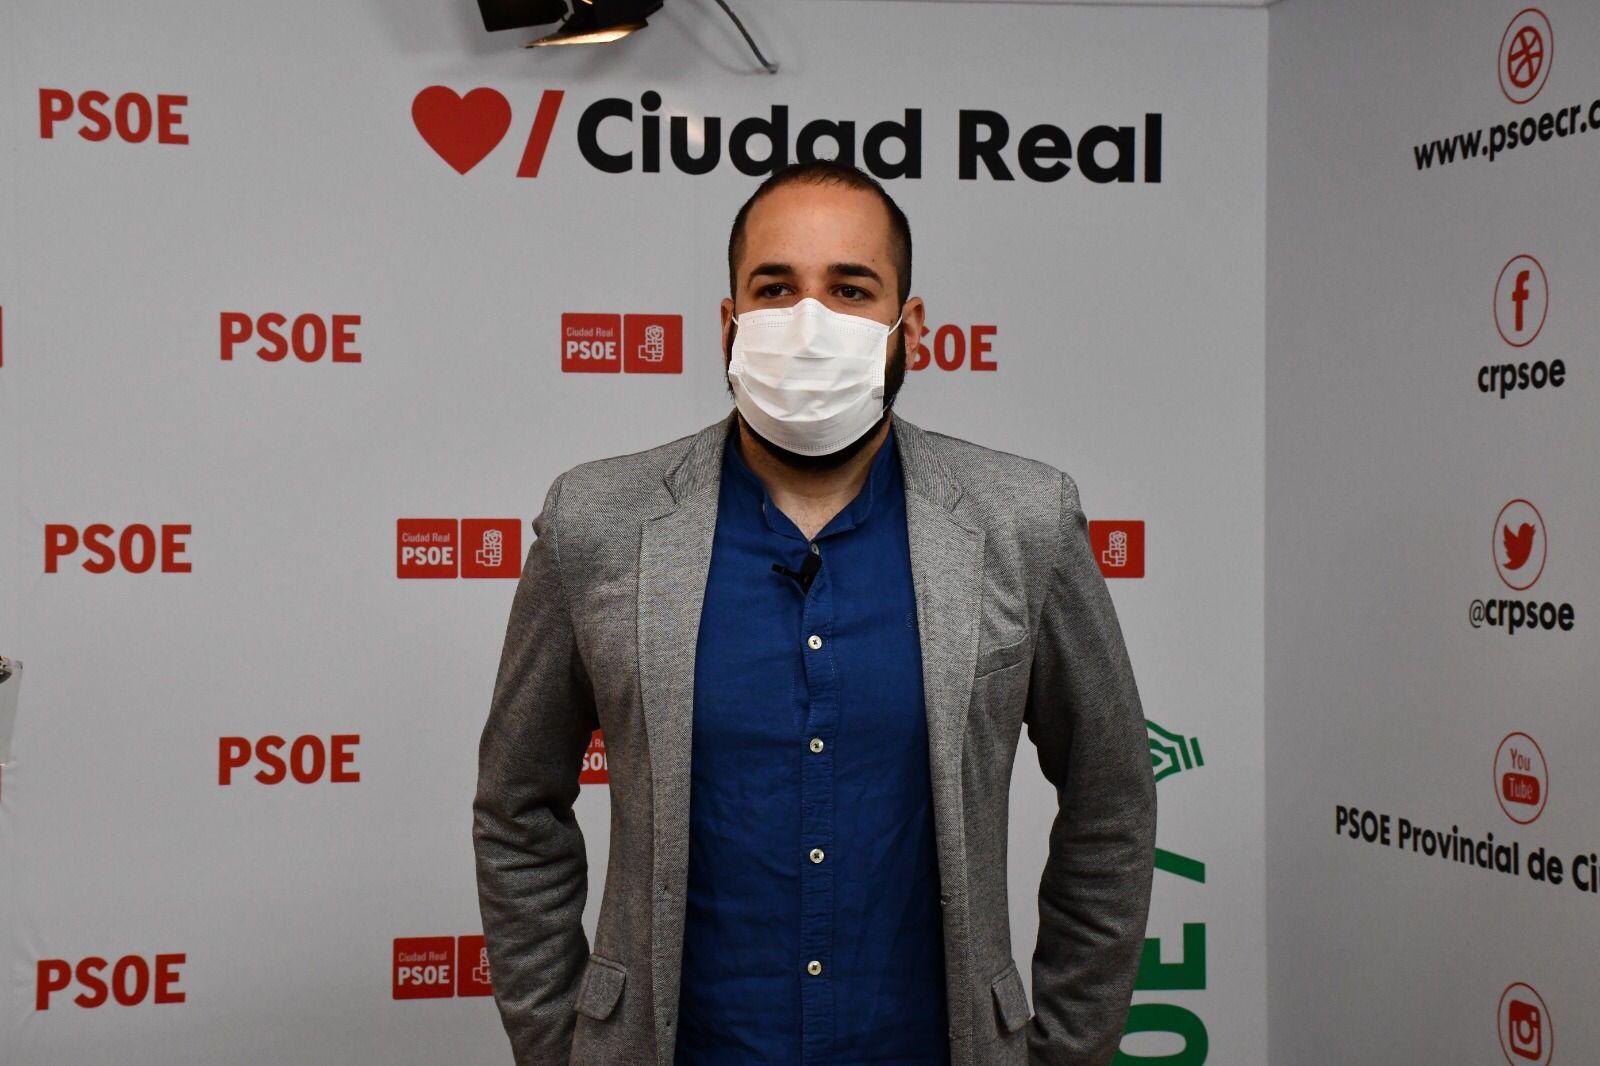 """Miguel González Caballero: """"Más de 54.000 personas con discapacidad en la provincia de Ciudad Real podrían beneficiarse con la ley de igualdad jurídica"""""""